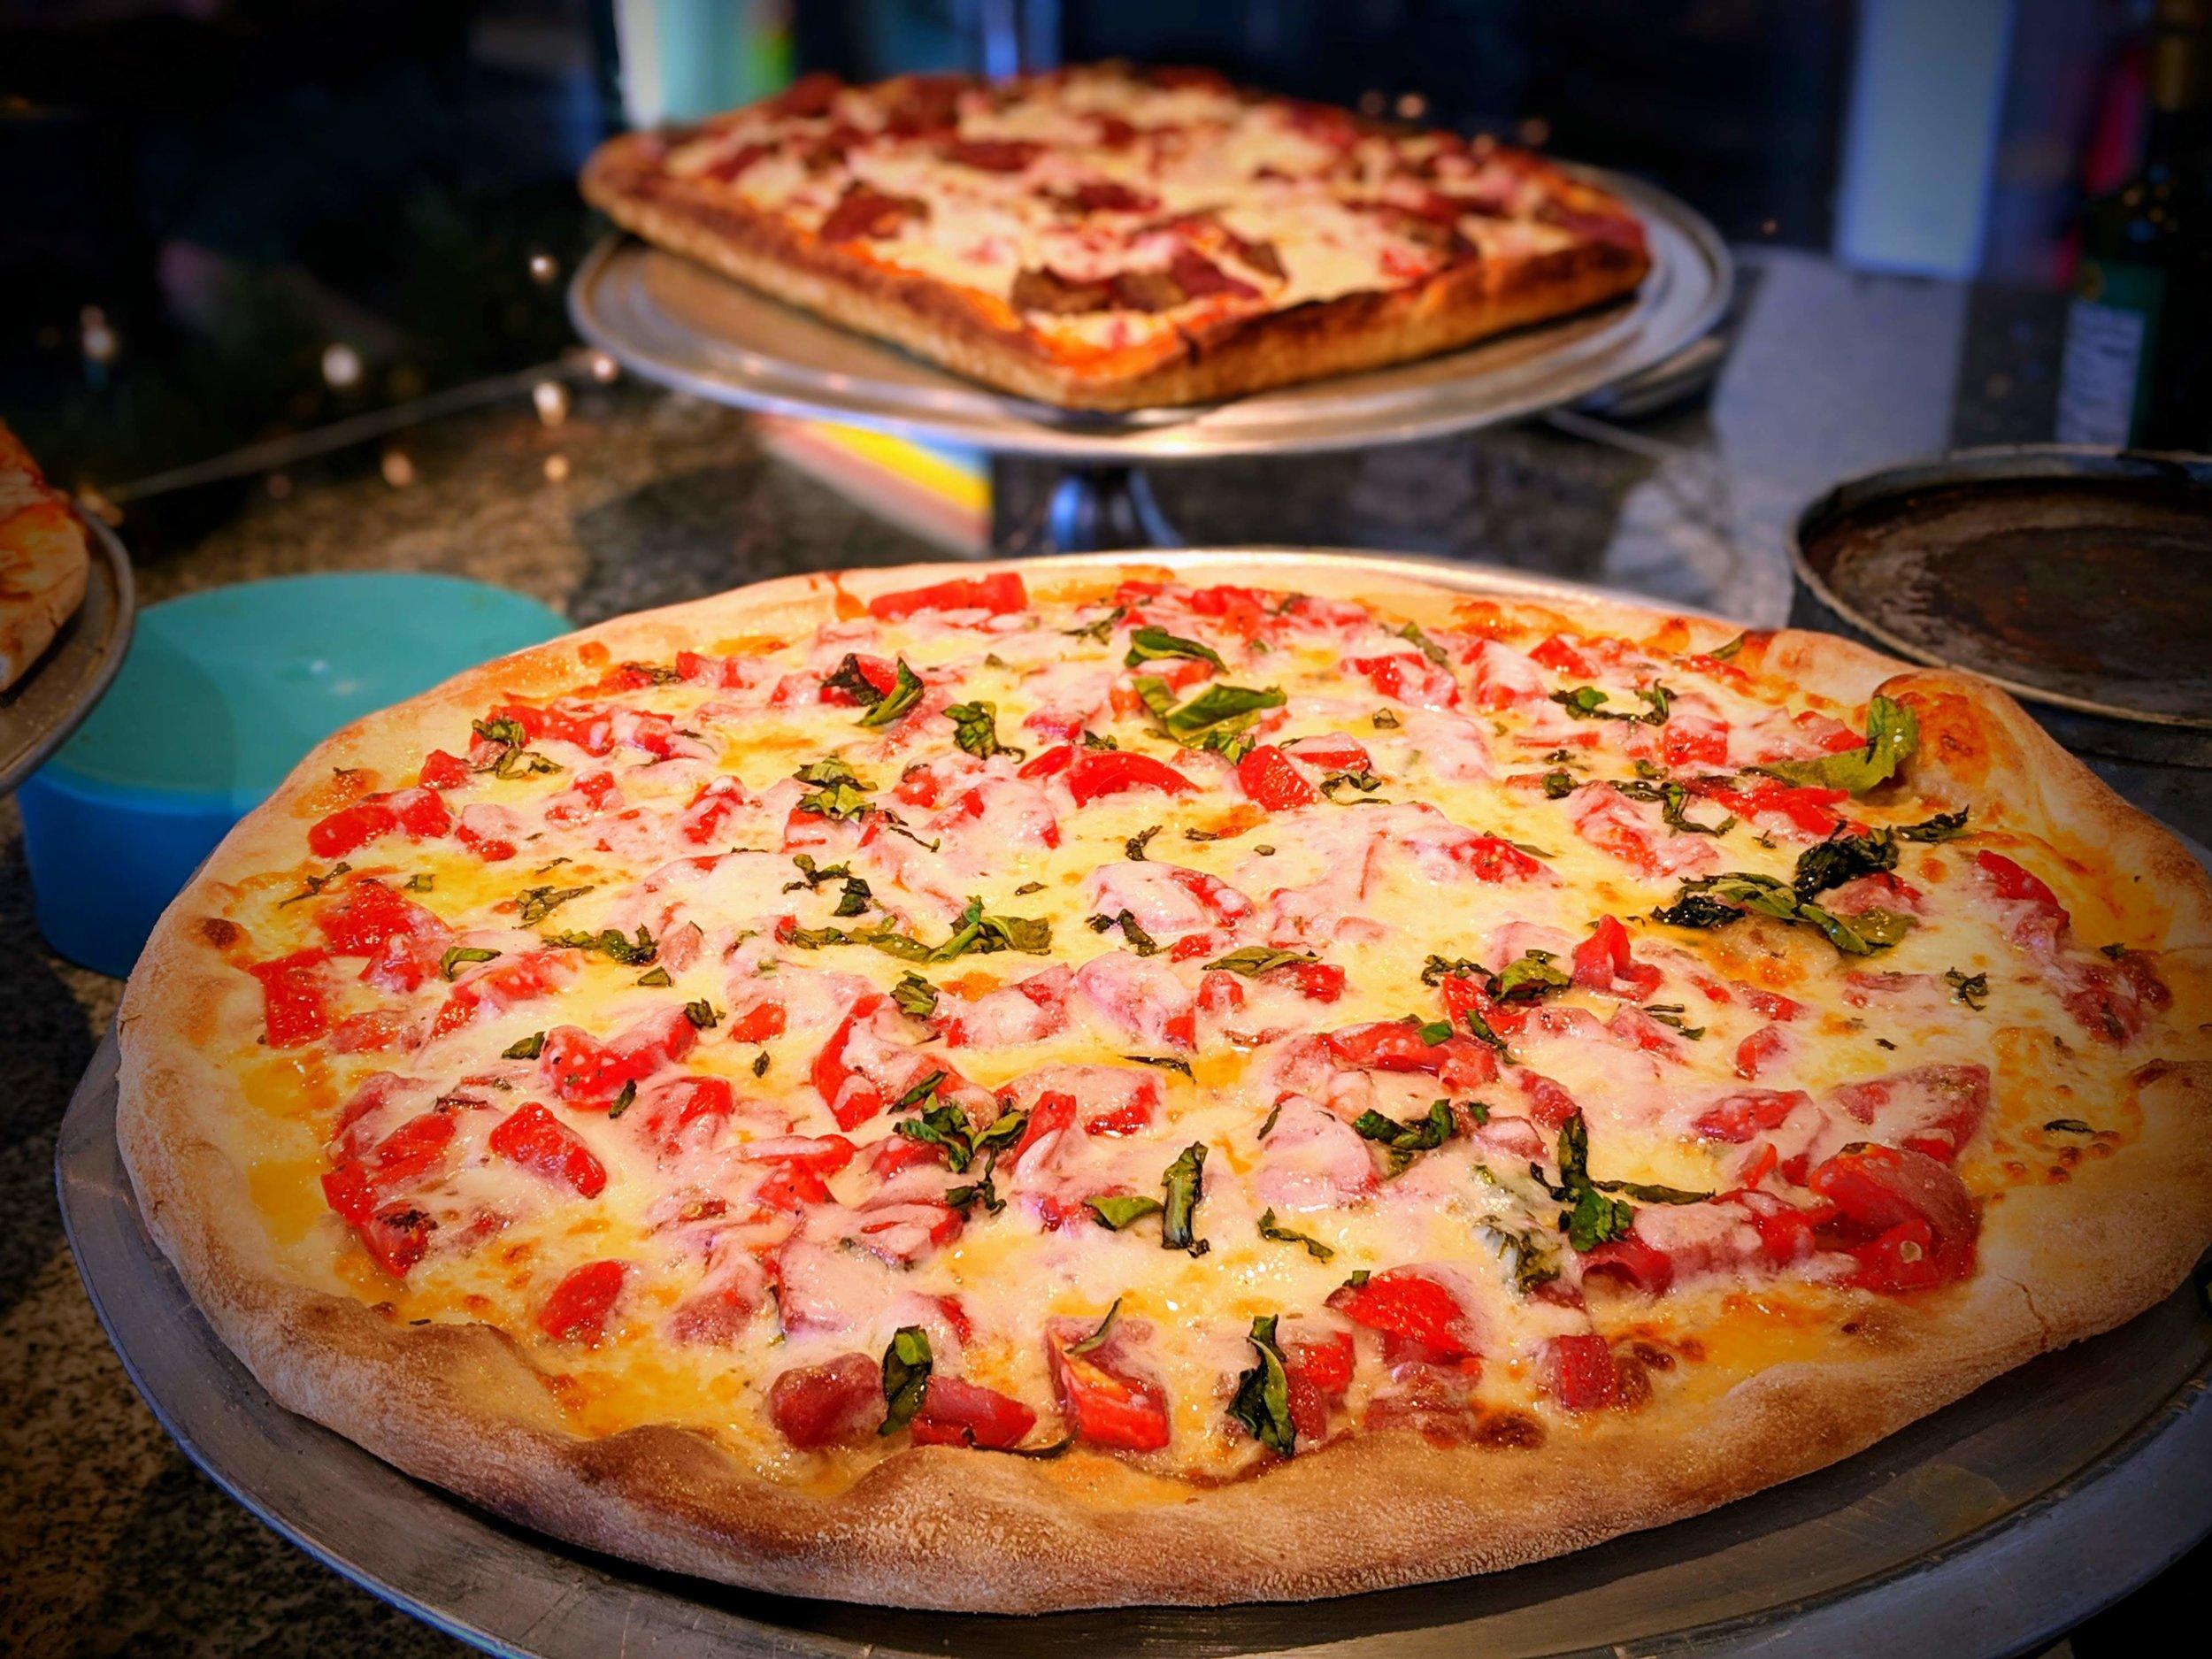 Pizza Mia Margarita Pizza